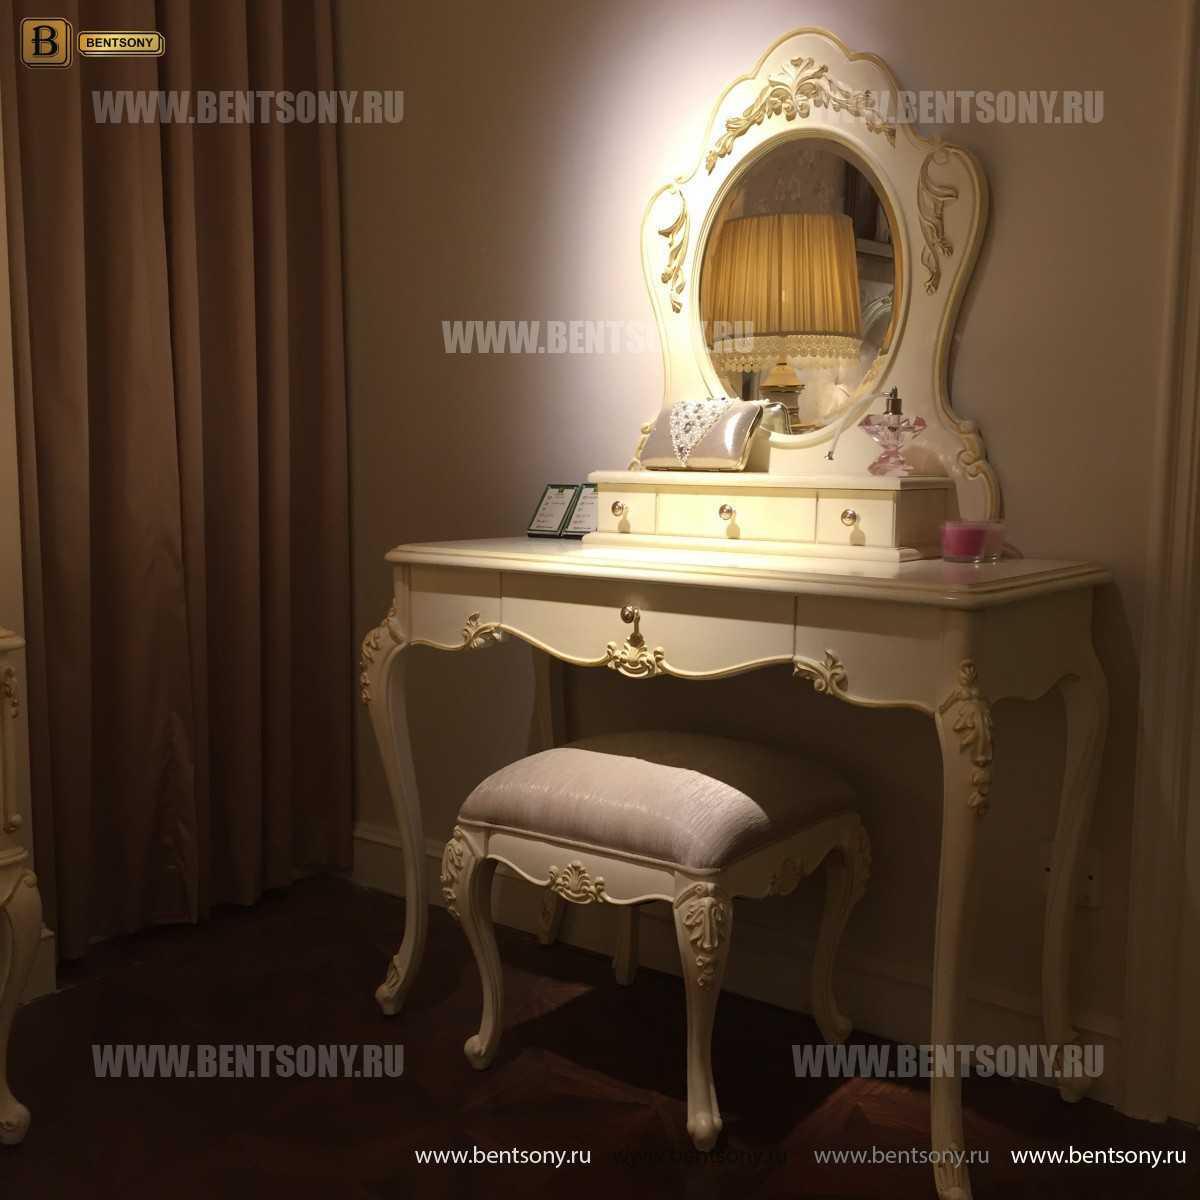 Стол туалетный Митчел В классический (Белый, Массив дерева) каталог